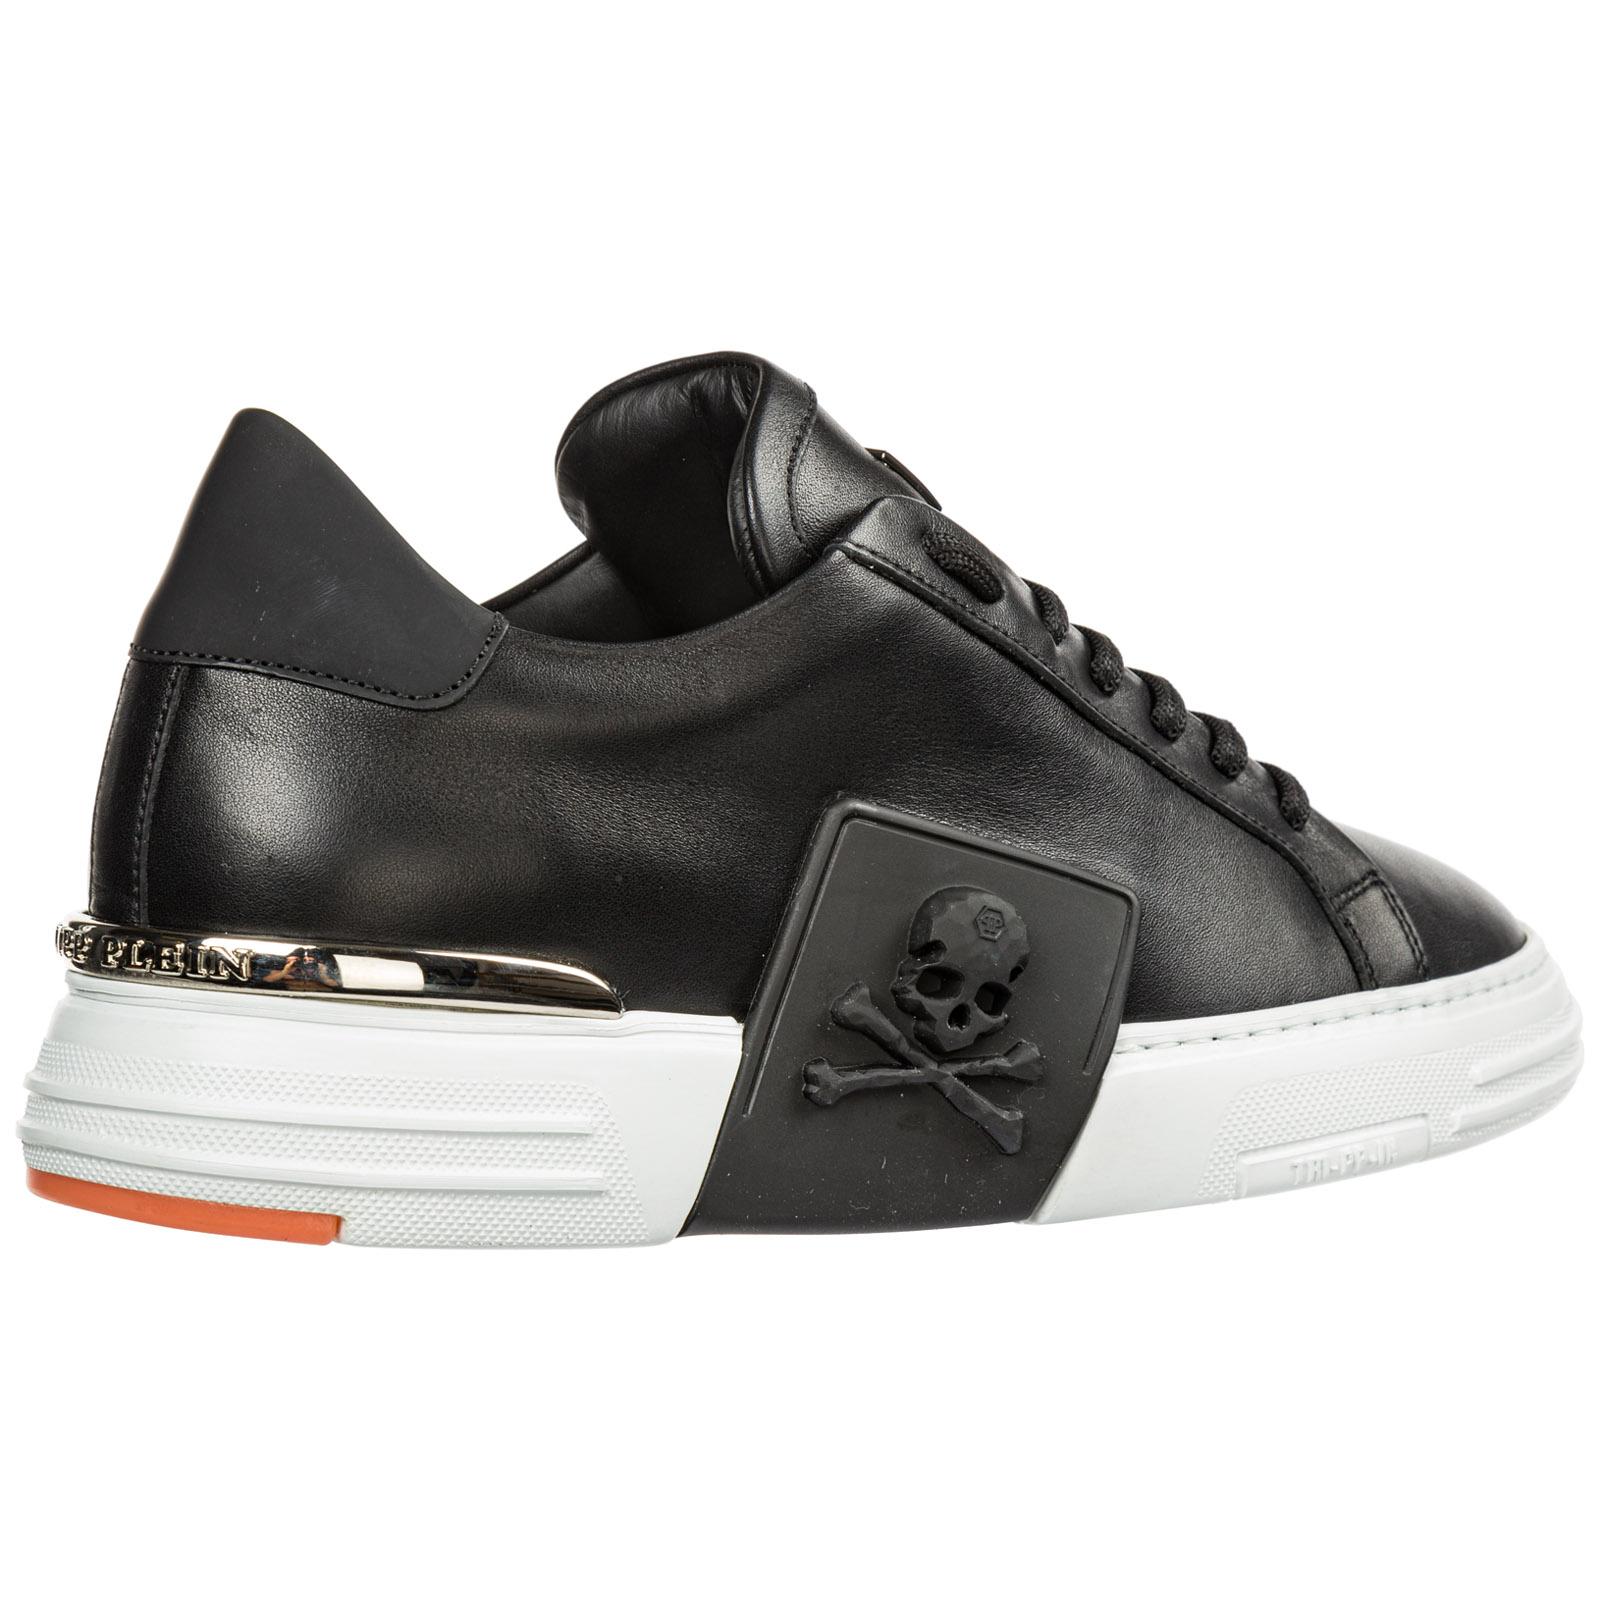 plus de photos 8222d 98acc Chaussures baskets sneakers homme en cuir